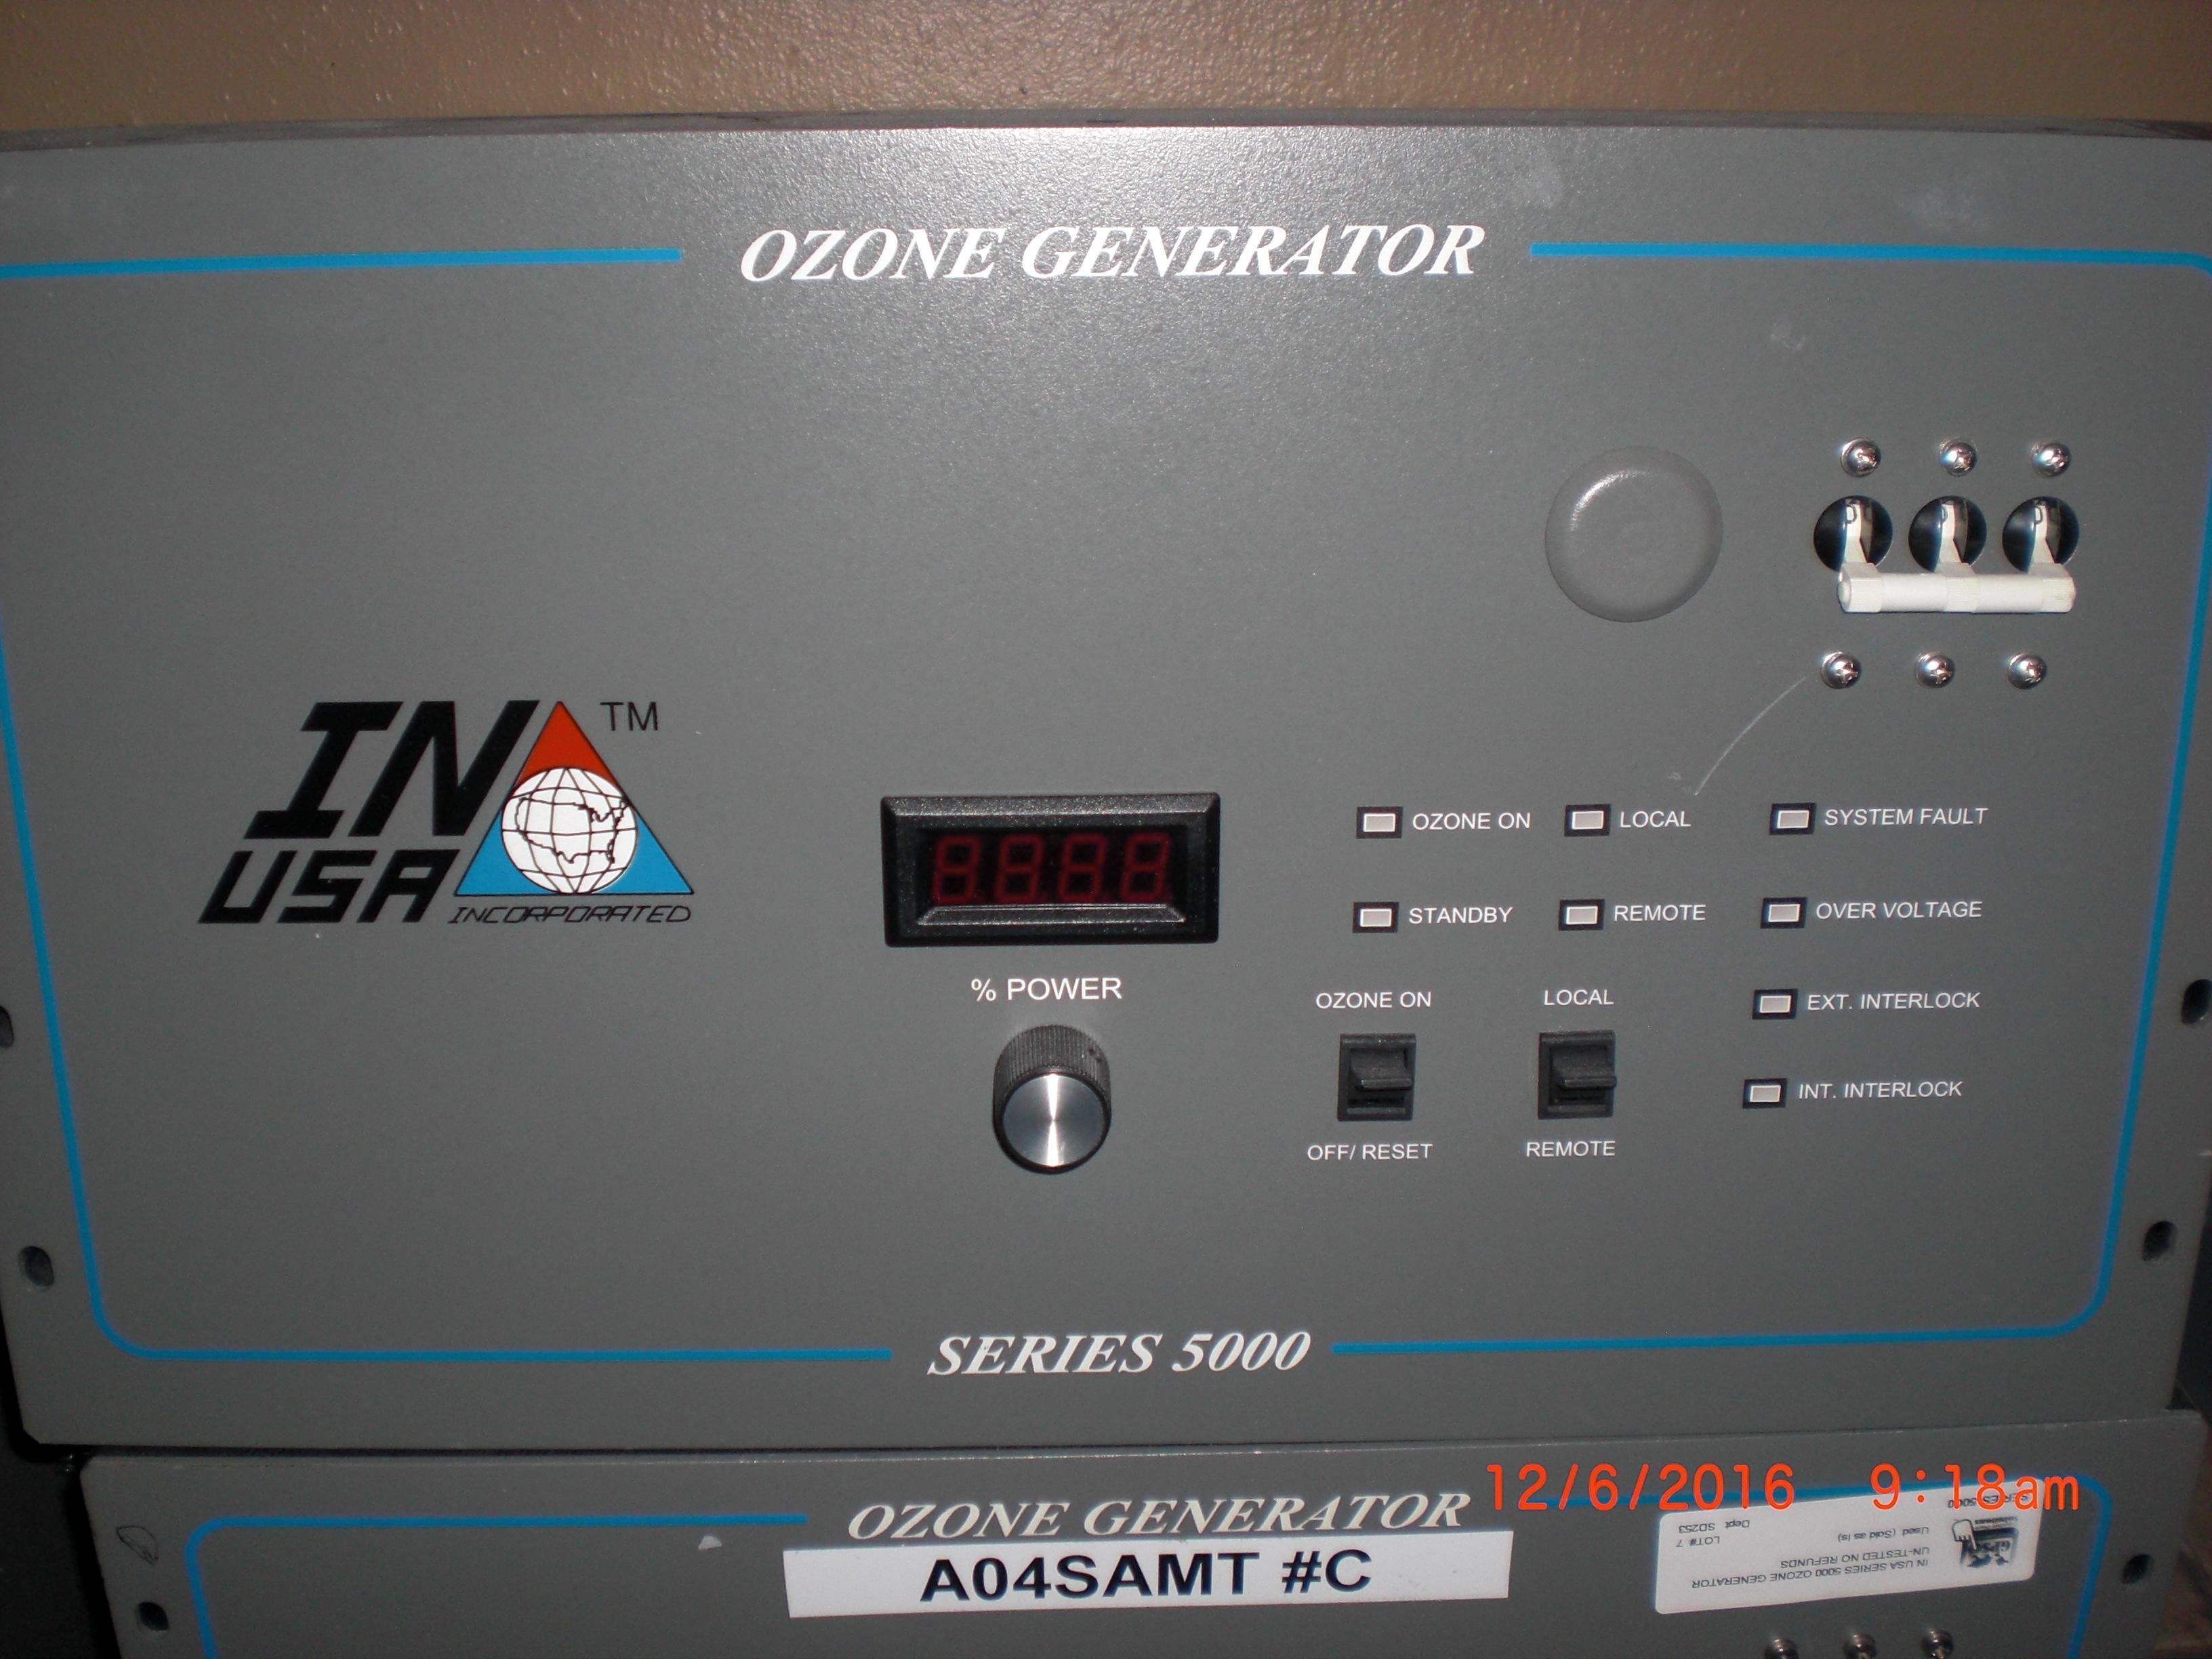 Generator OZONE IN USA 820-1148-01 Model OG-B-1-8